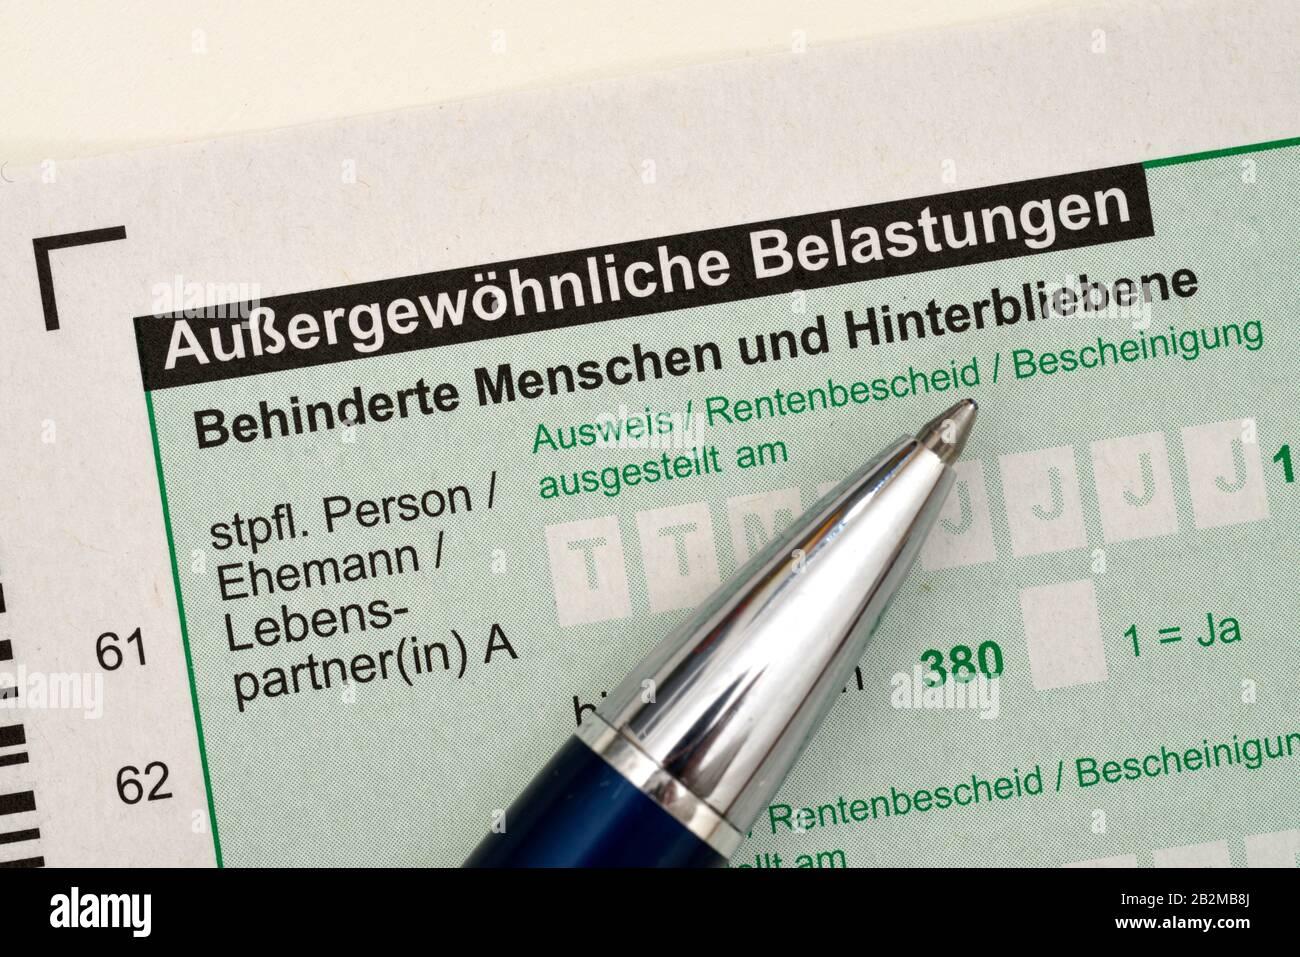 Steuererklaerung, Aussergewoehnliche Belastungen Stock Photo